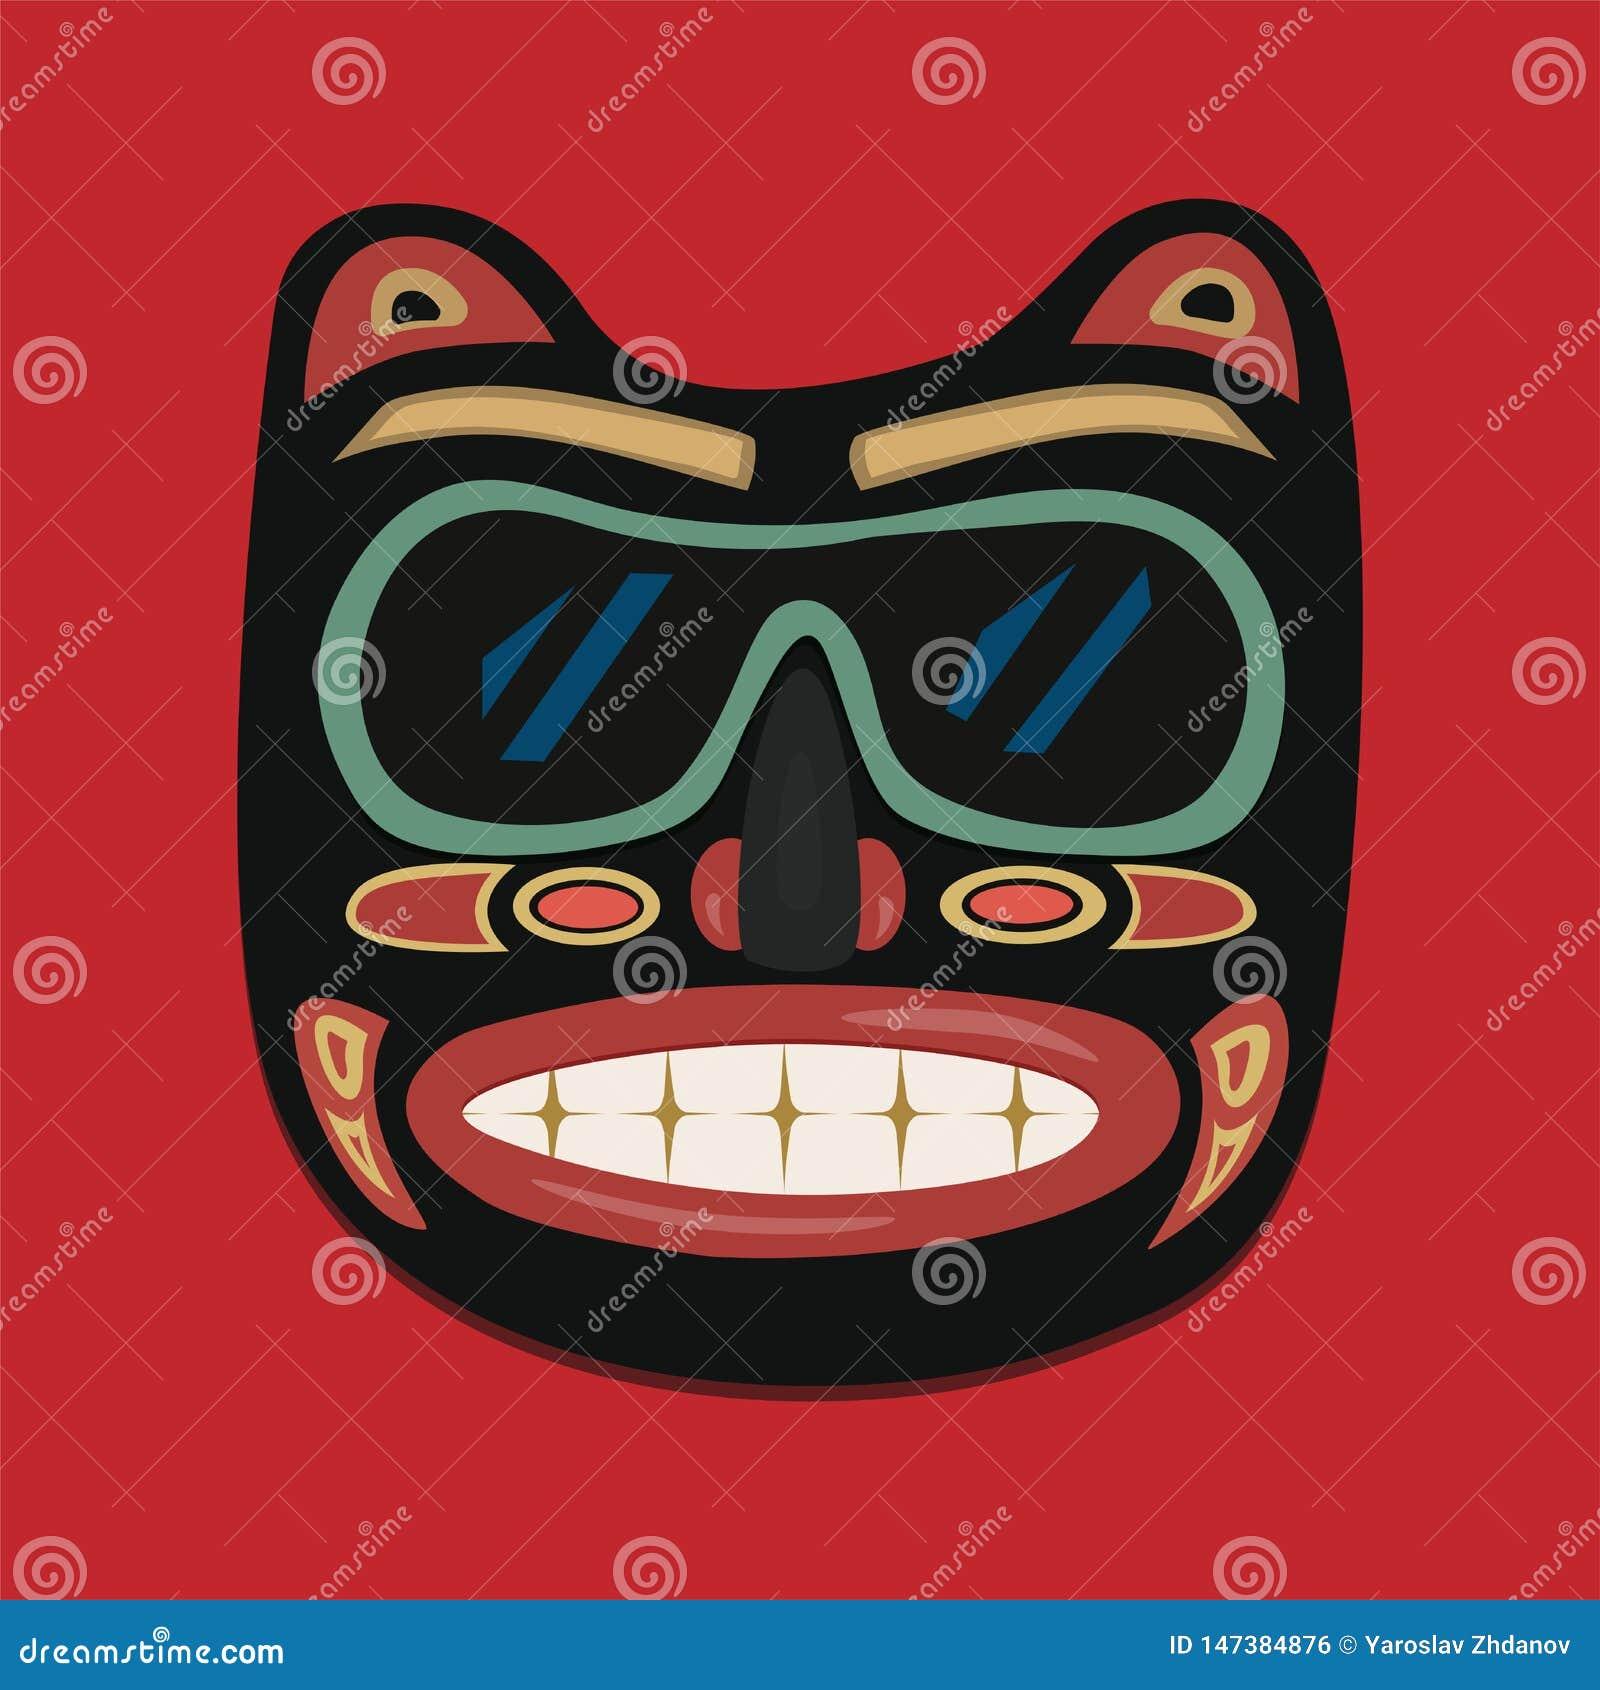 Afrykanin maska na czerwonym tle jest mo?e projektant wektor evgeniy grafika niezale?ny kotelevskiy przedmiota orygina??w wektor